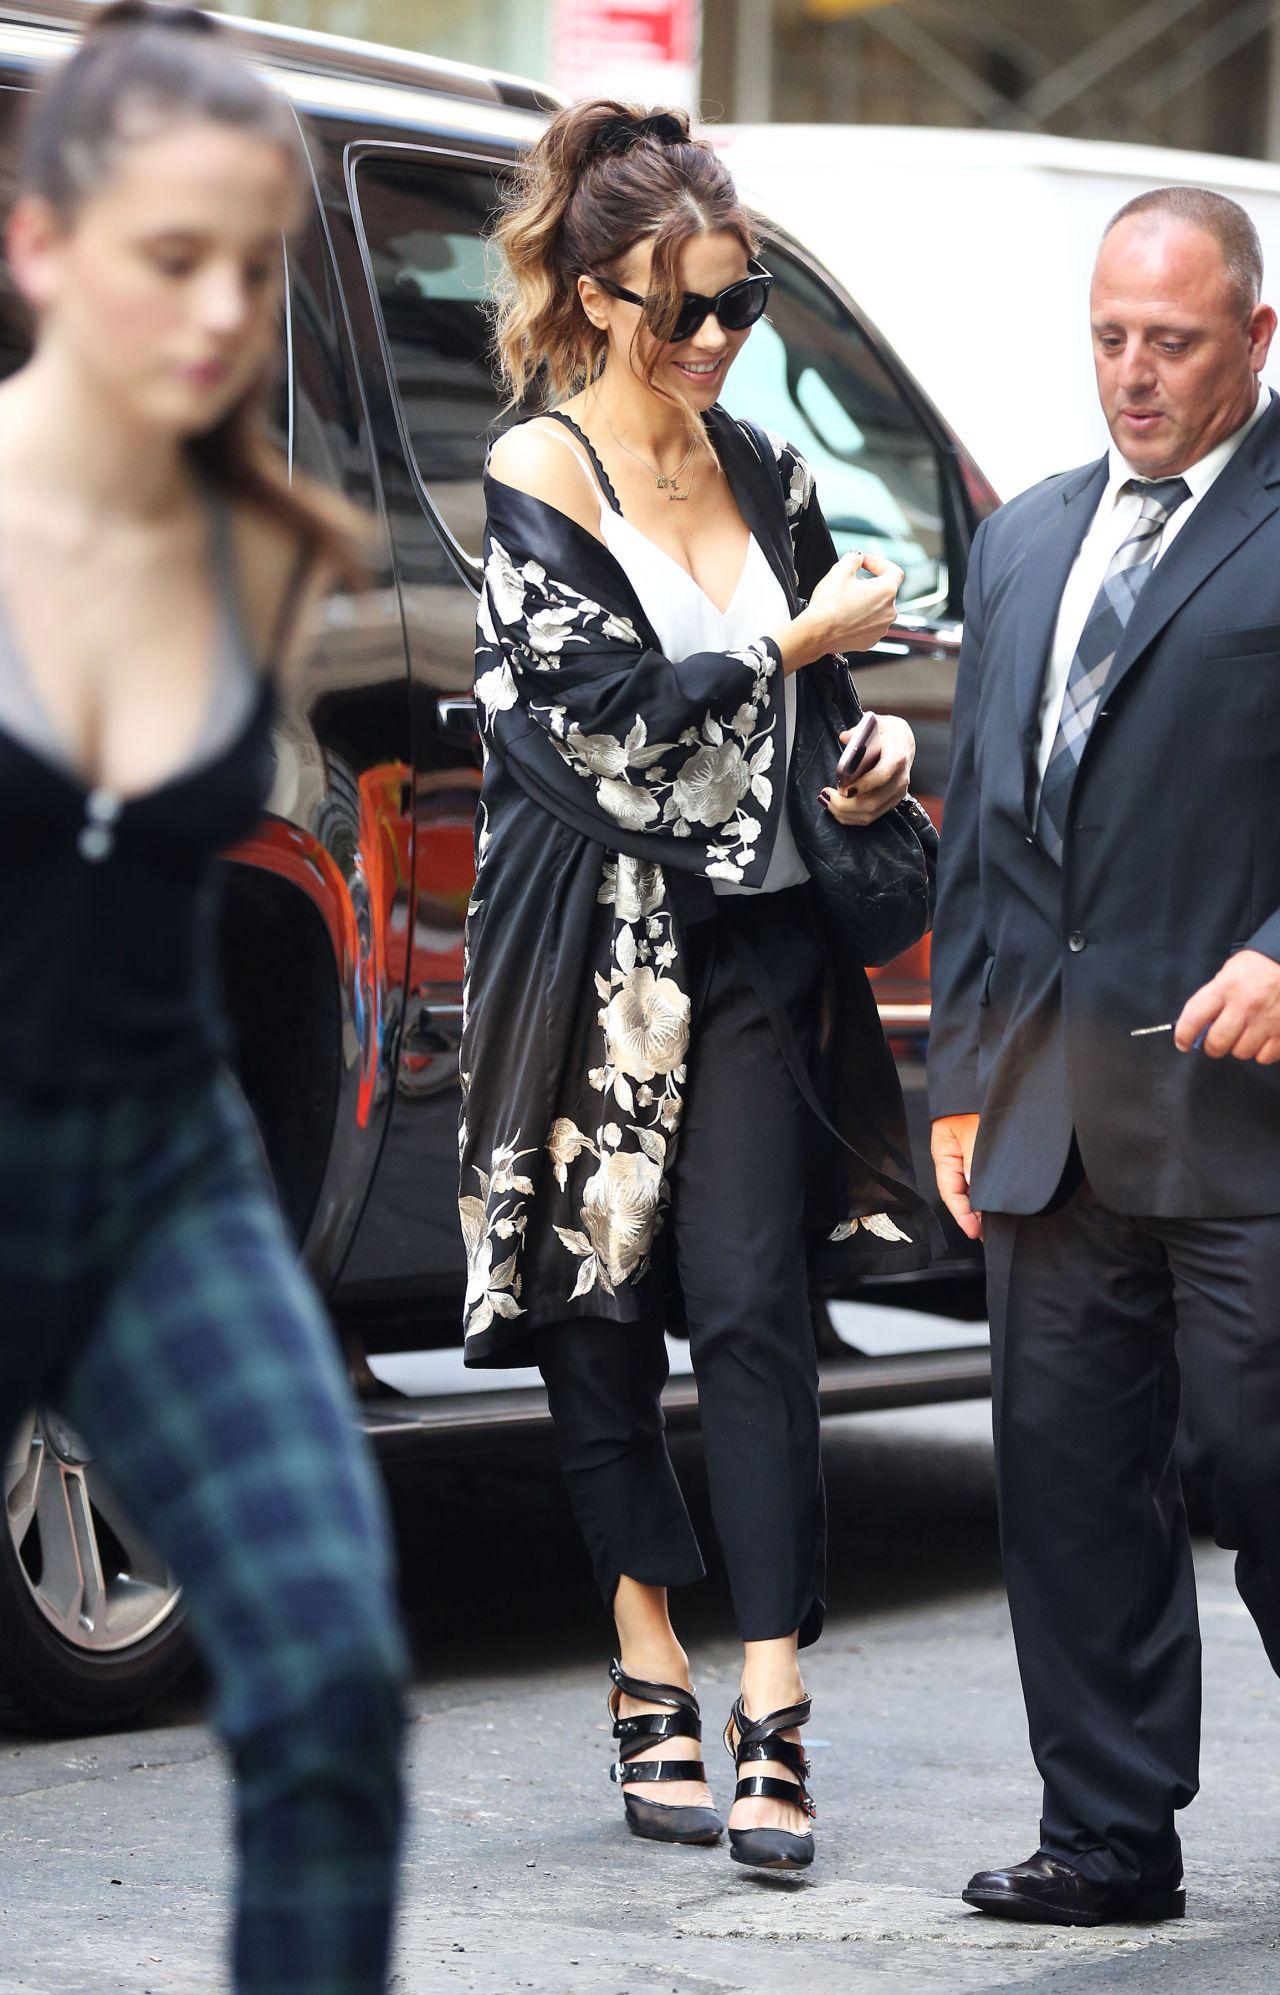 Kate Beckinsale and Lily Sheen Photos Photos - Zimbio